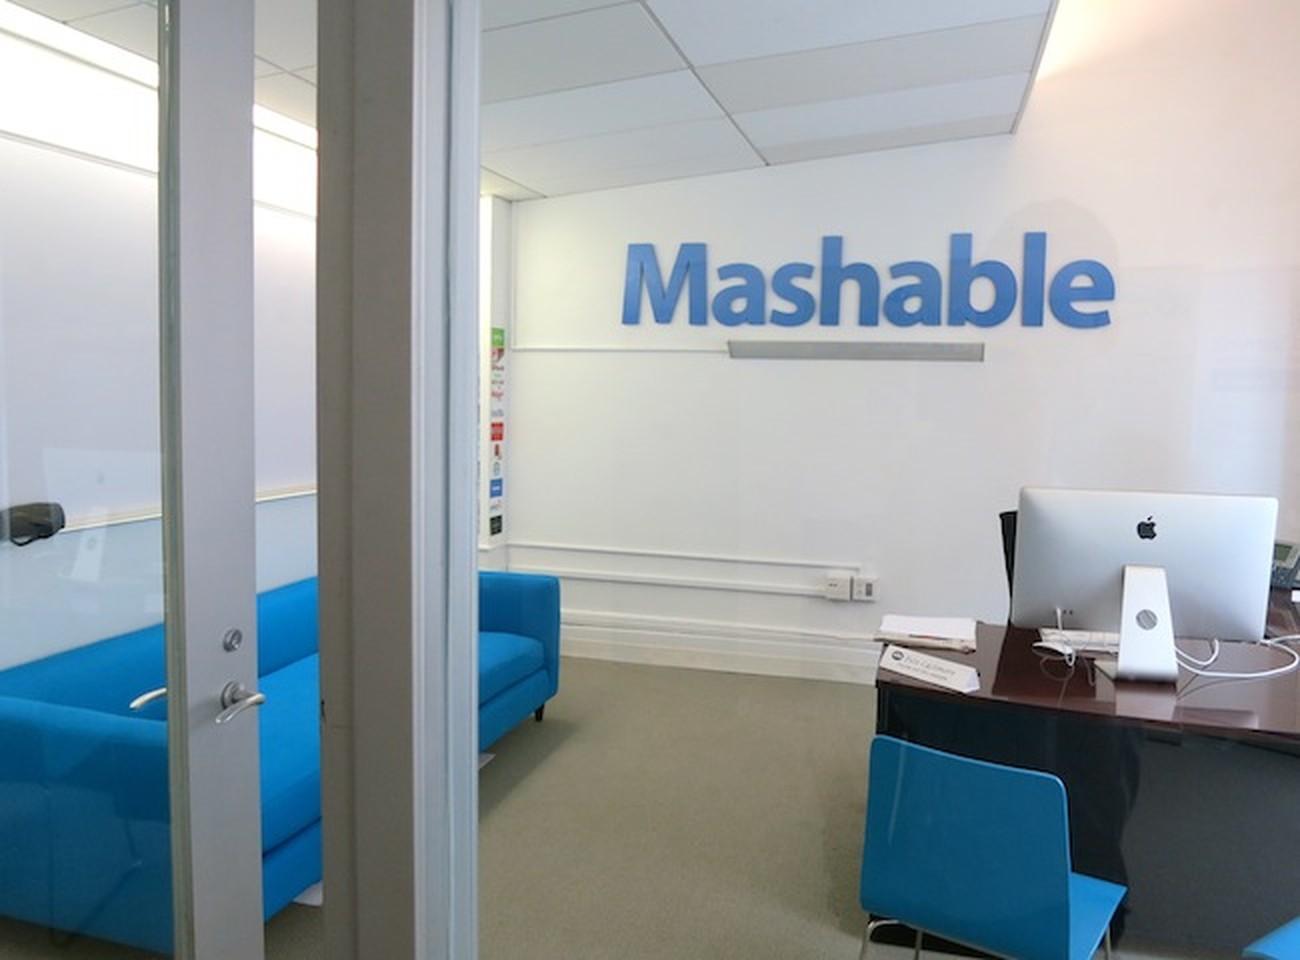 Mashable Careers